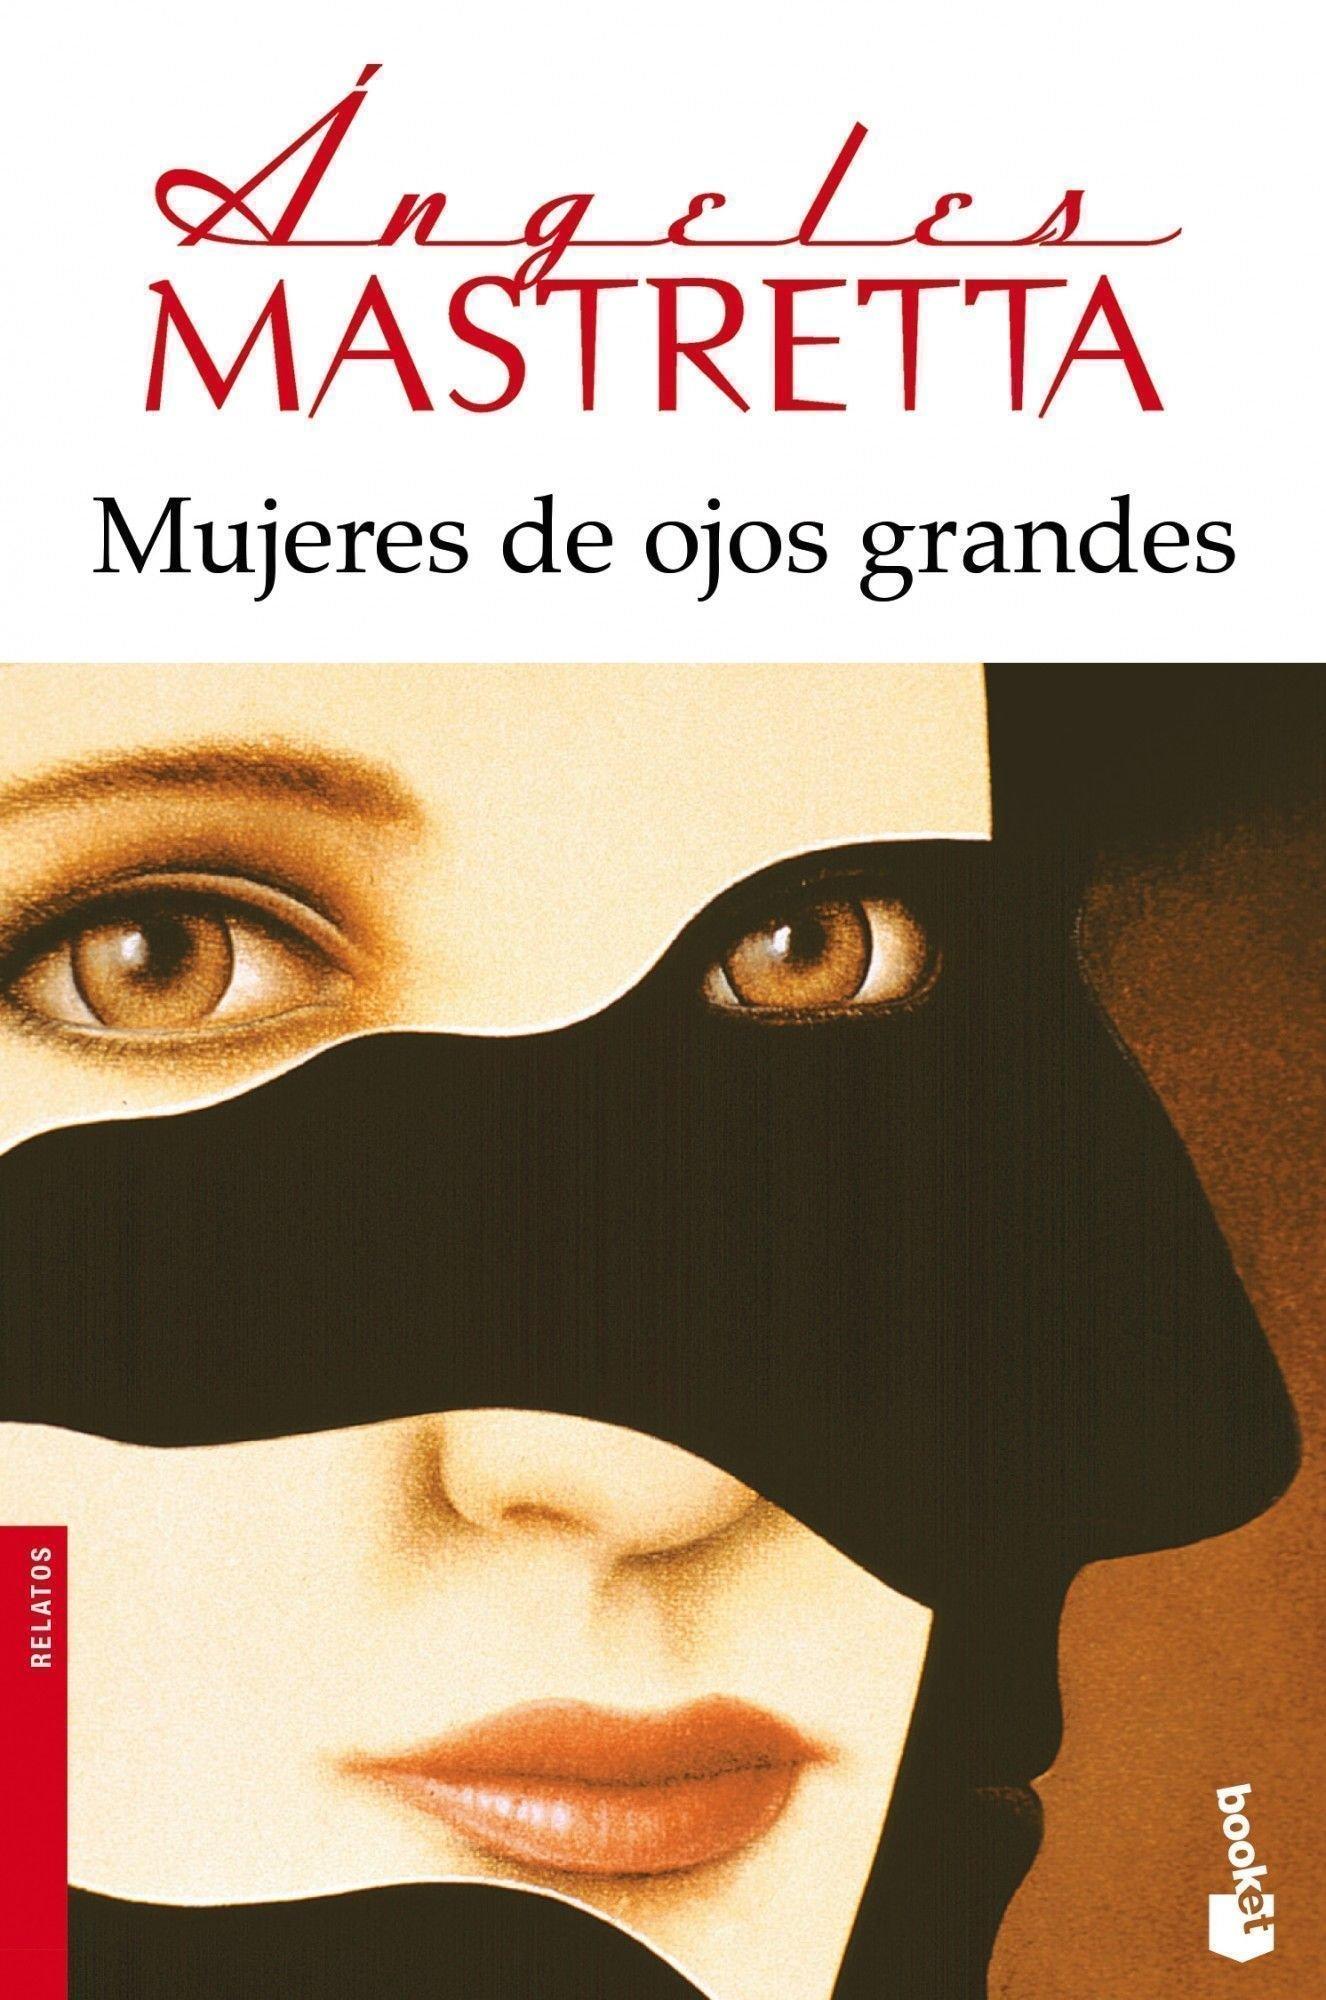 Mujeres de ojos grandes (Novela y Relatos): Amazon.es: Ángeles Mastretta: Libros